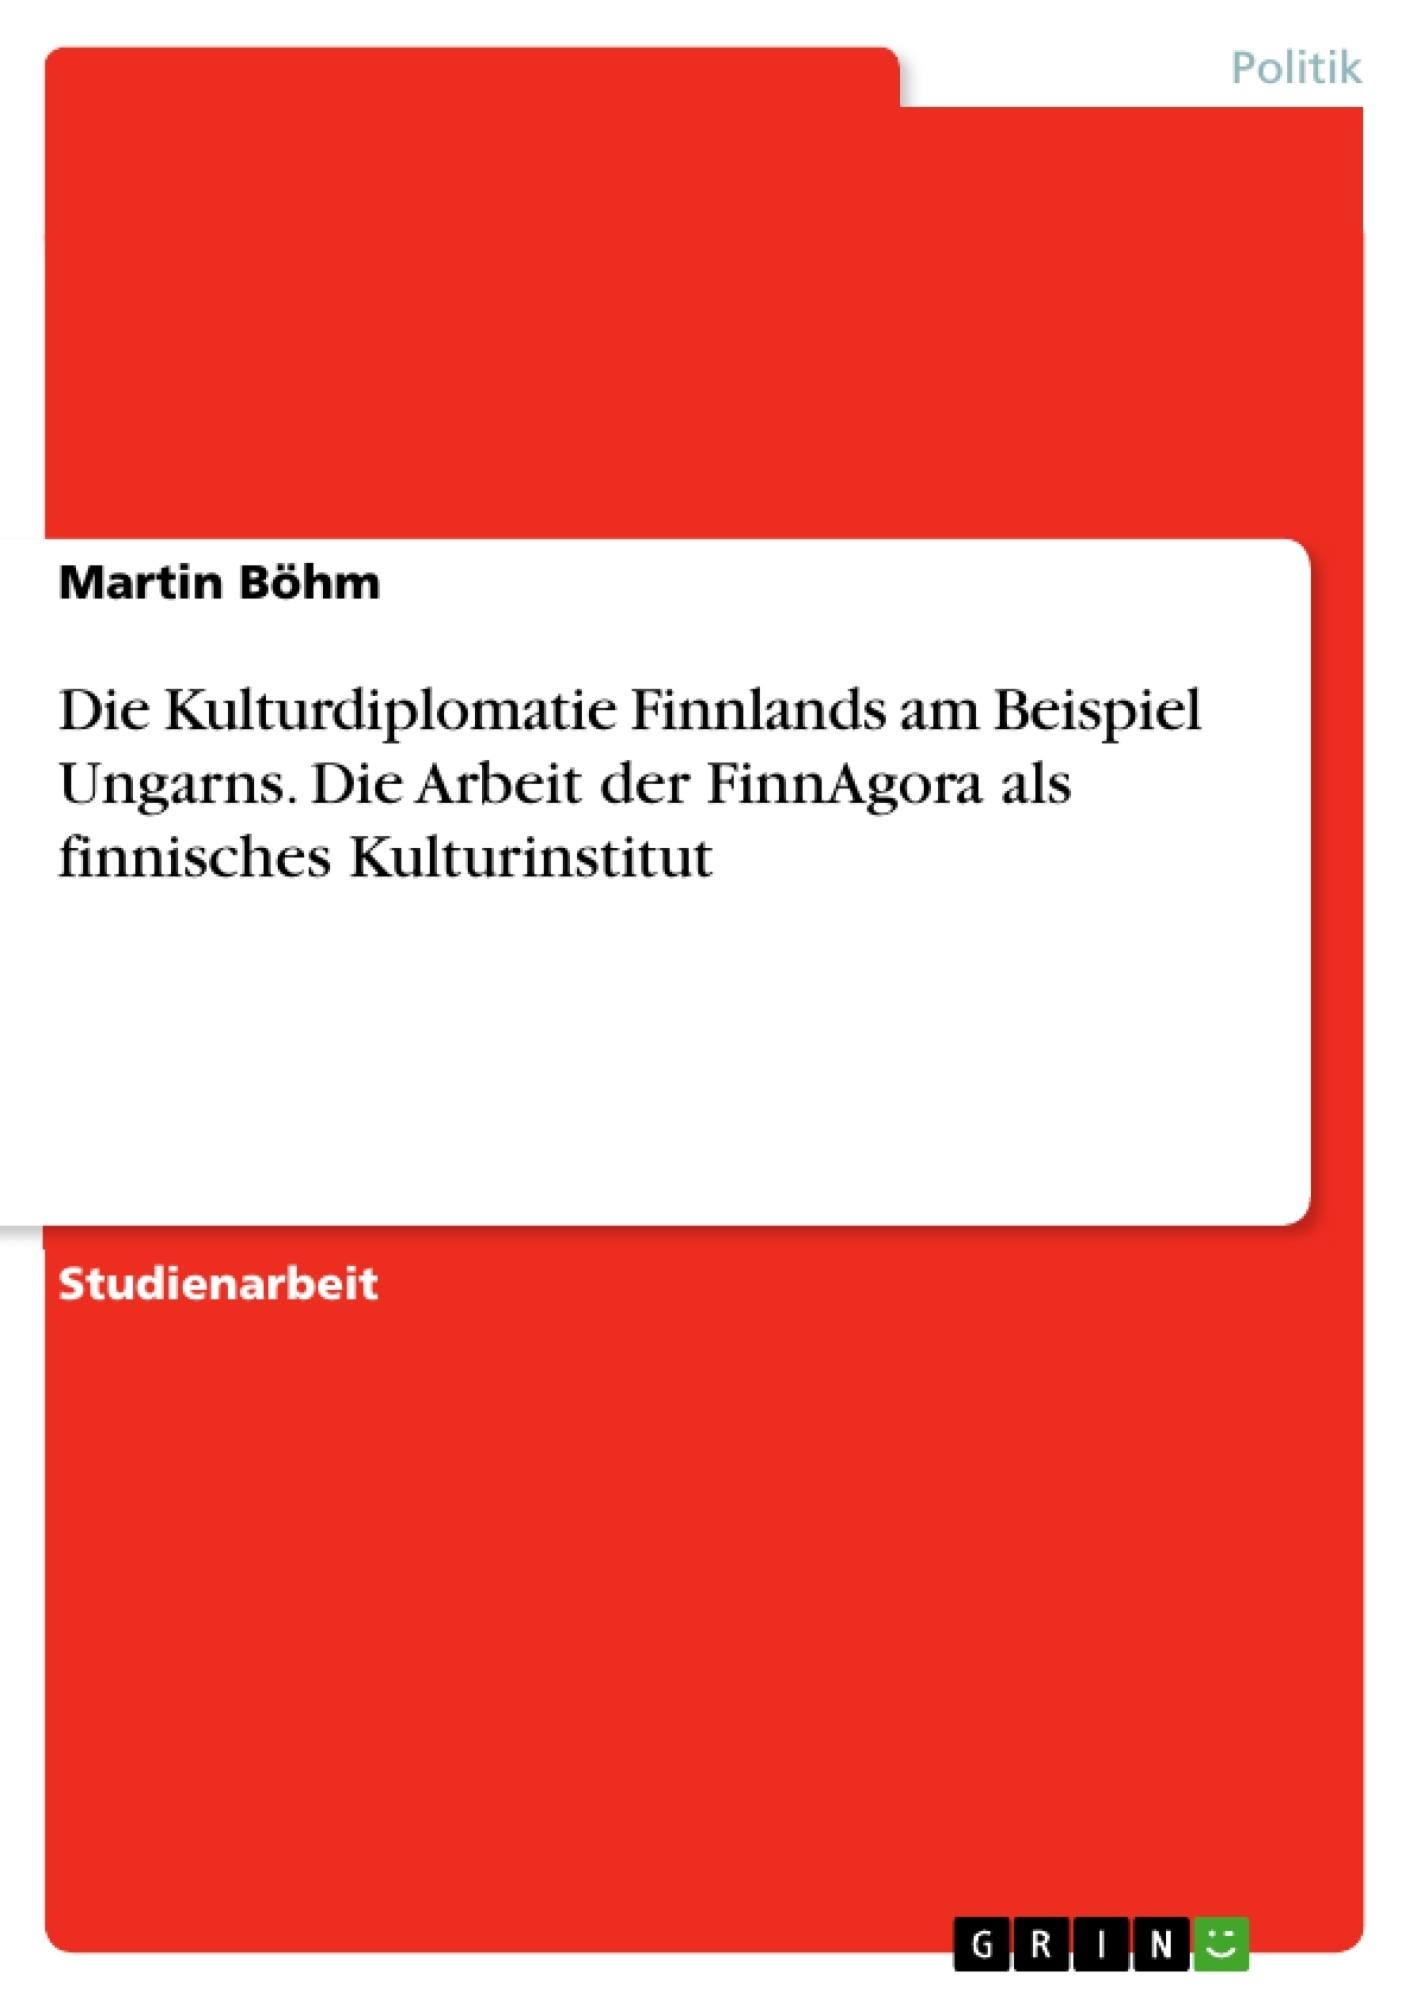 Titel: Die Kulturdiplomatie Finnlands am Beispiel Ungarns. Die Arbeit der FinnAgora als finnisches Kulturinstitut